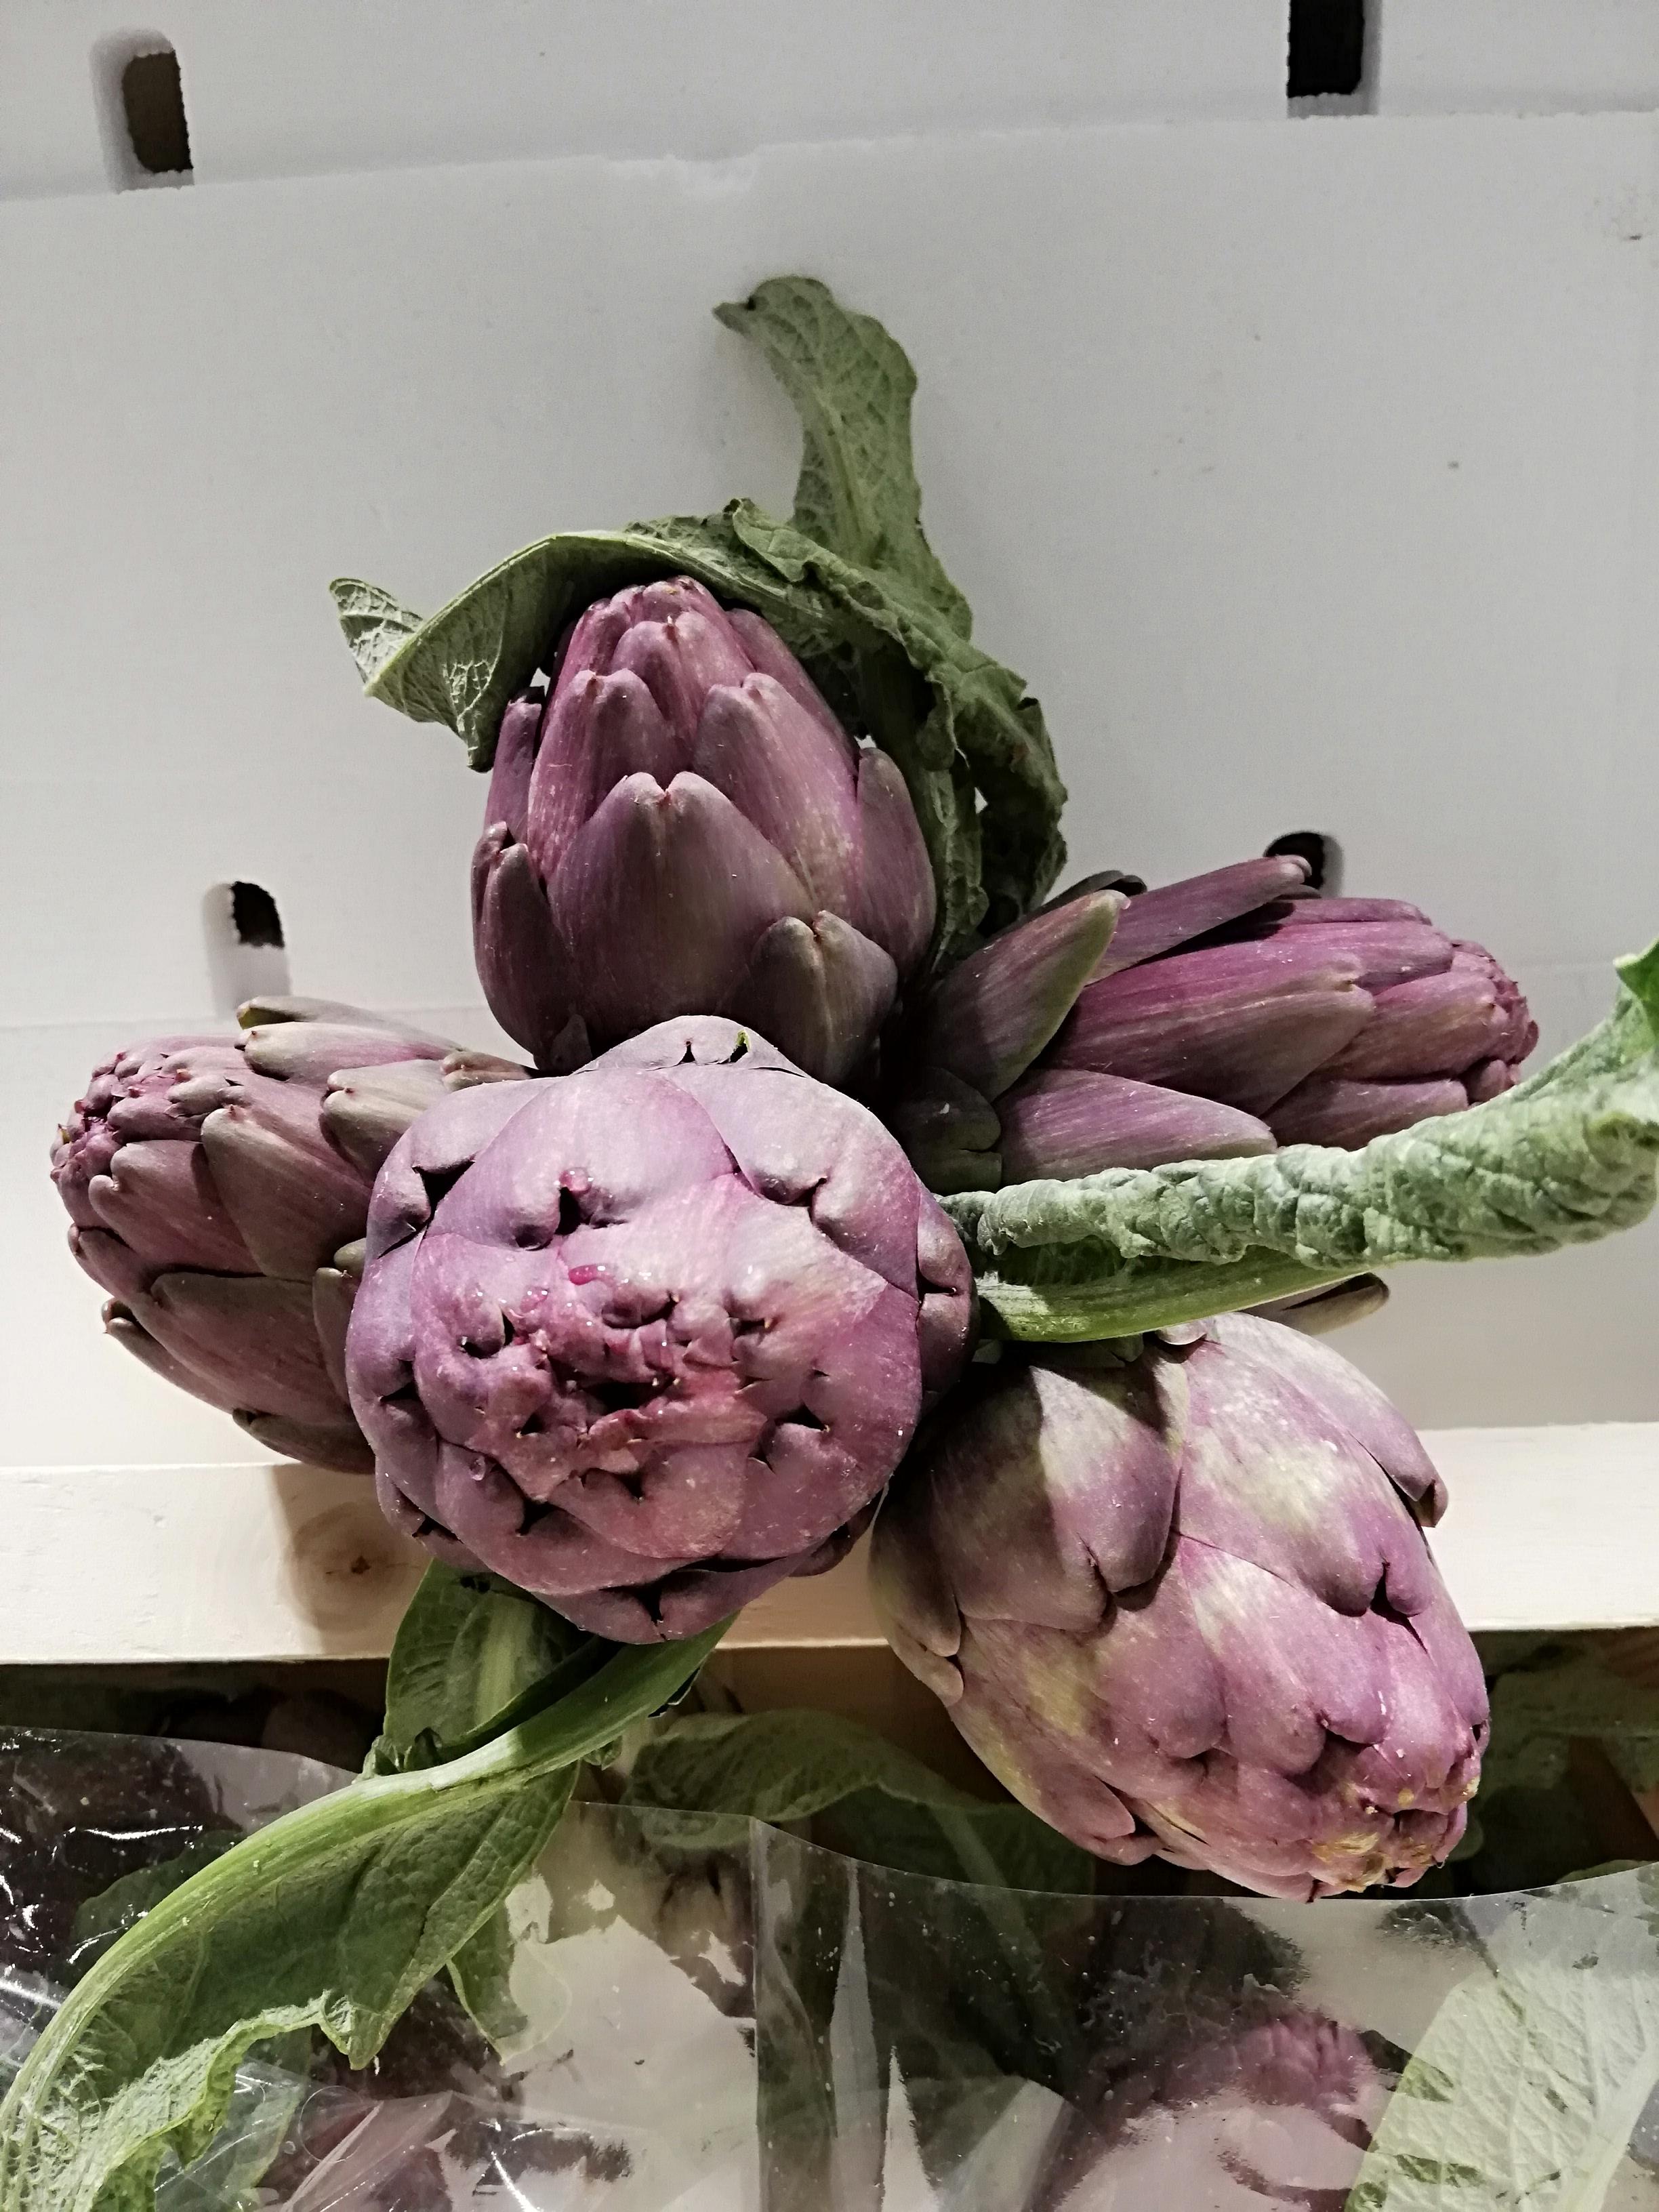 Violette artiskokker